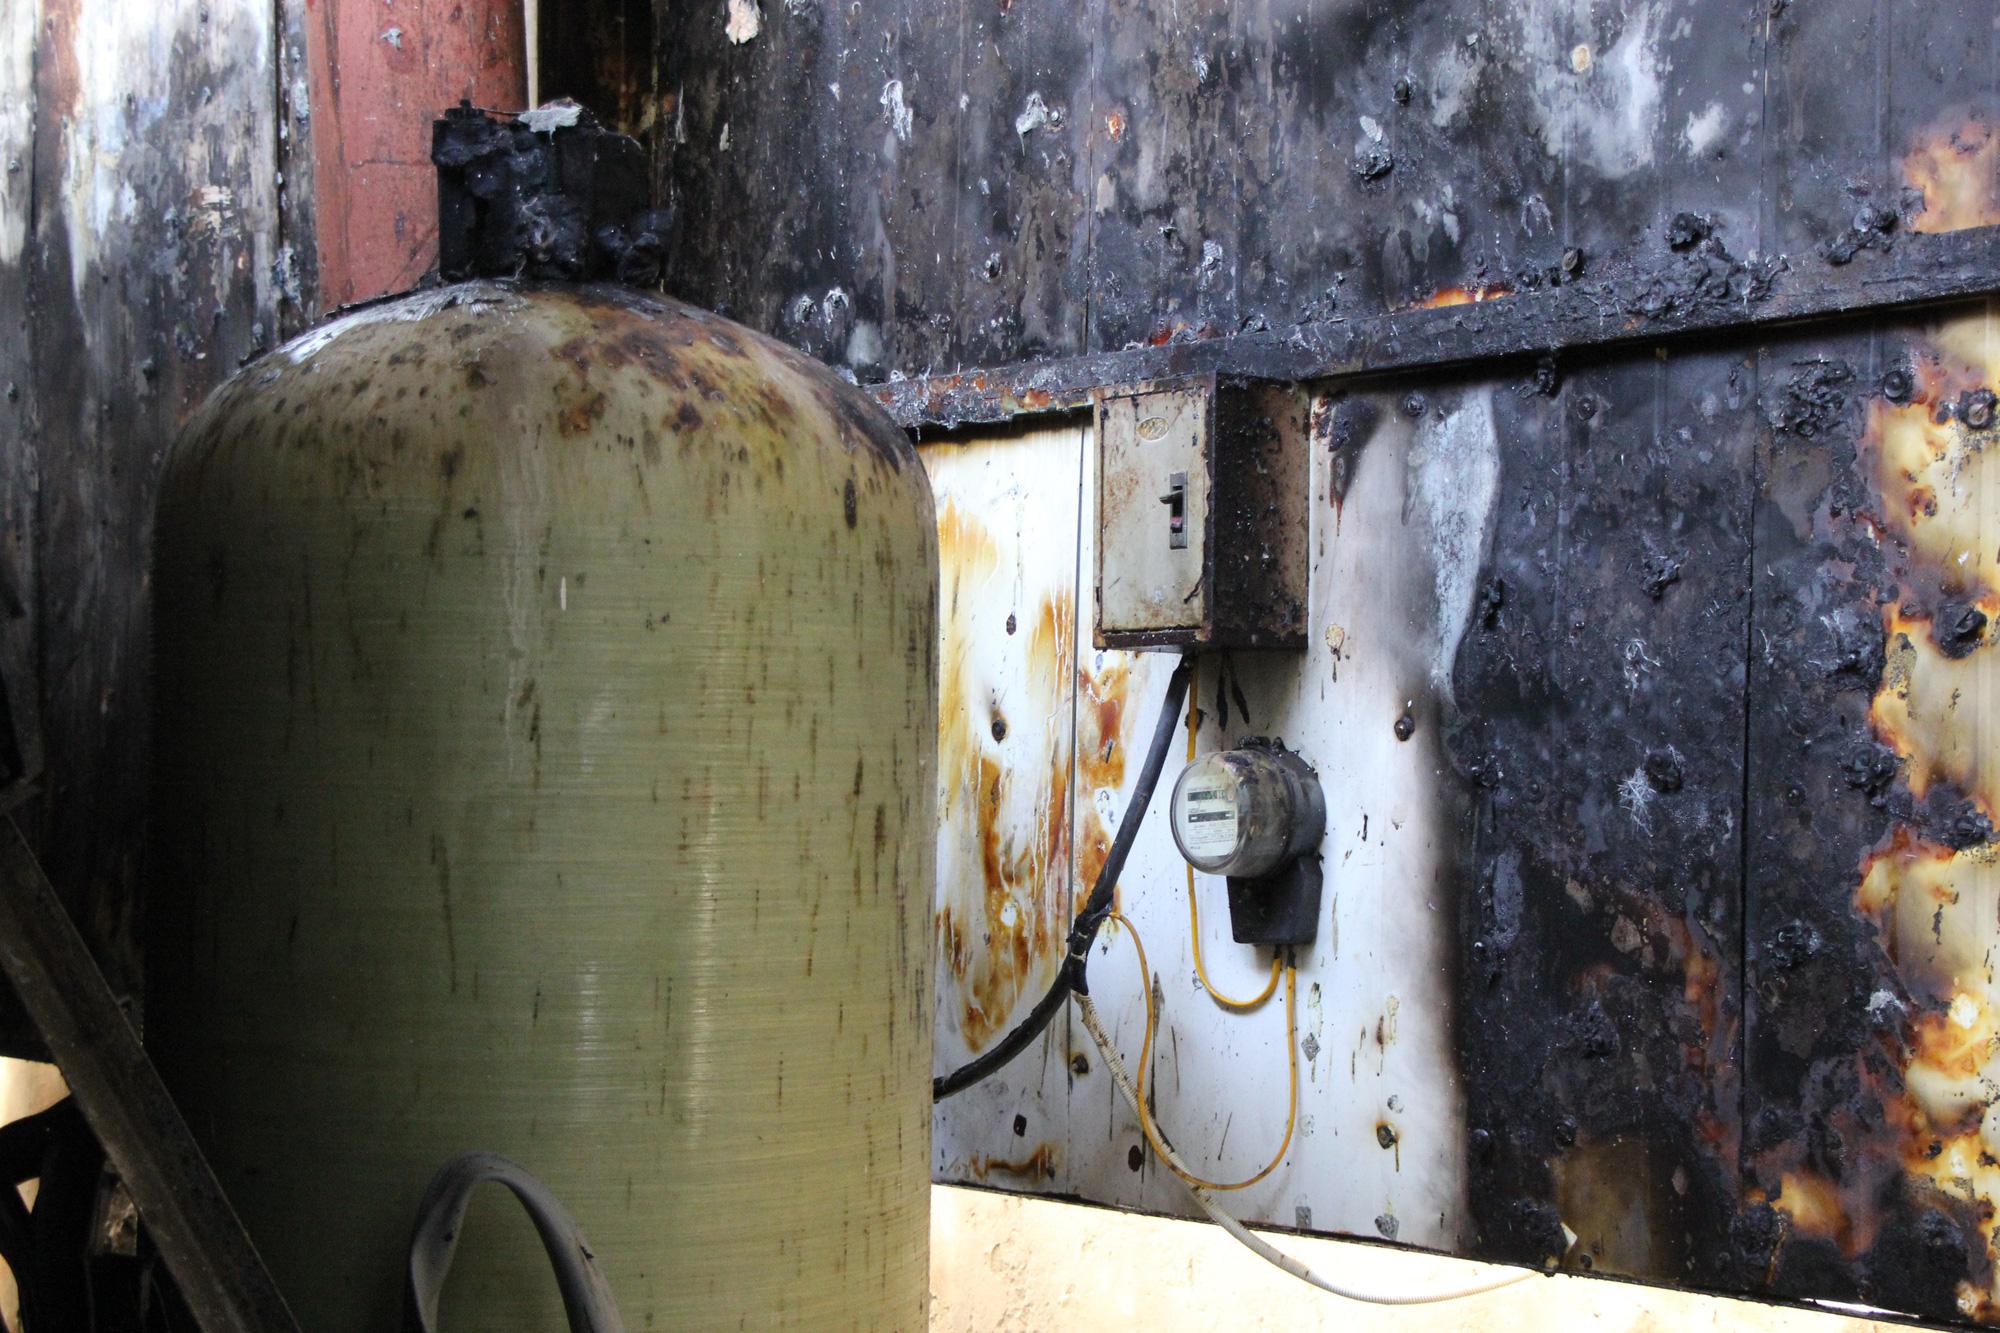 Hà Nội: Cháy hệ thống điều hòa chung cư, hàng trăm người hoảng loạn bỏ chạy - Ảnh 7.